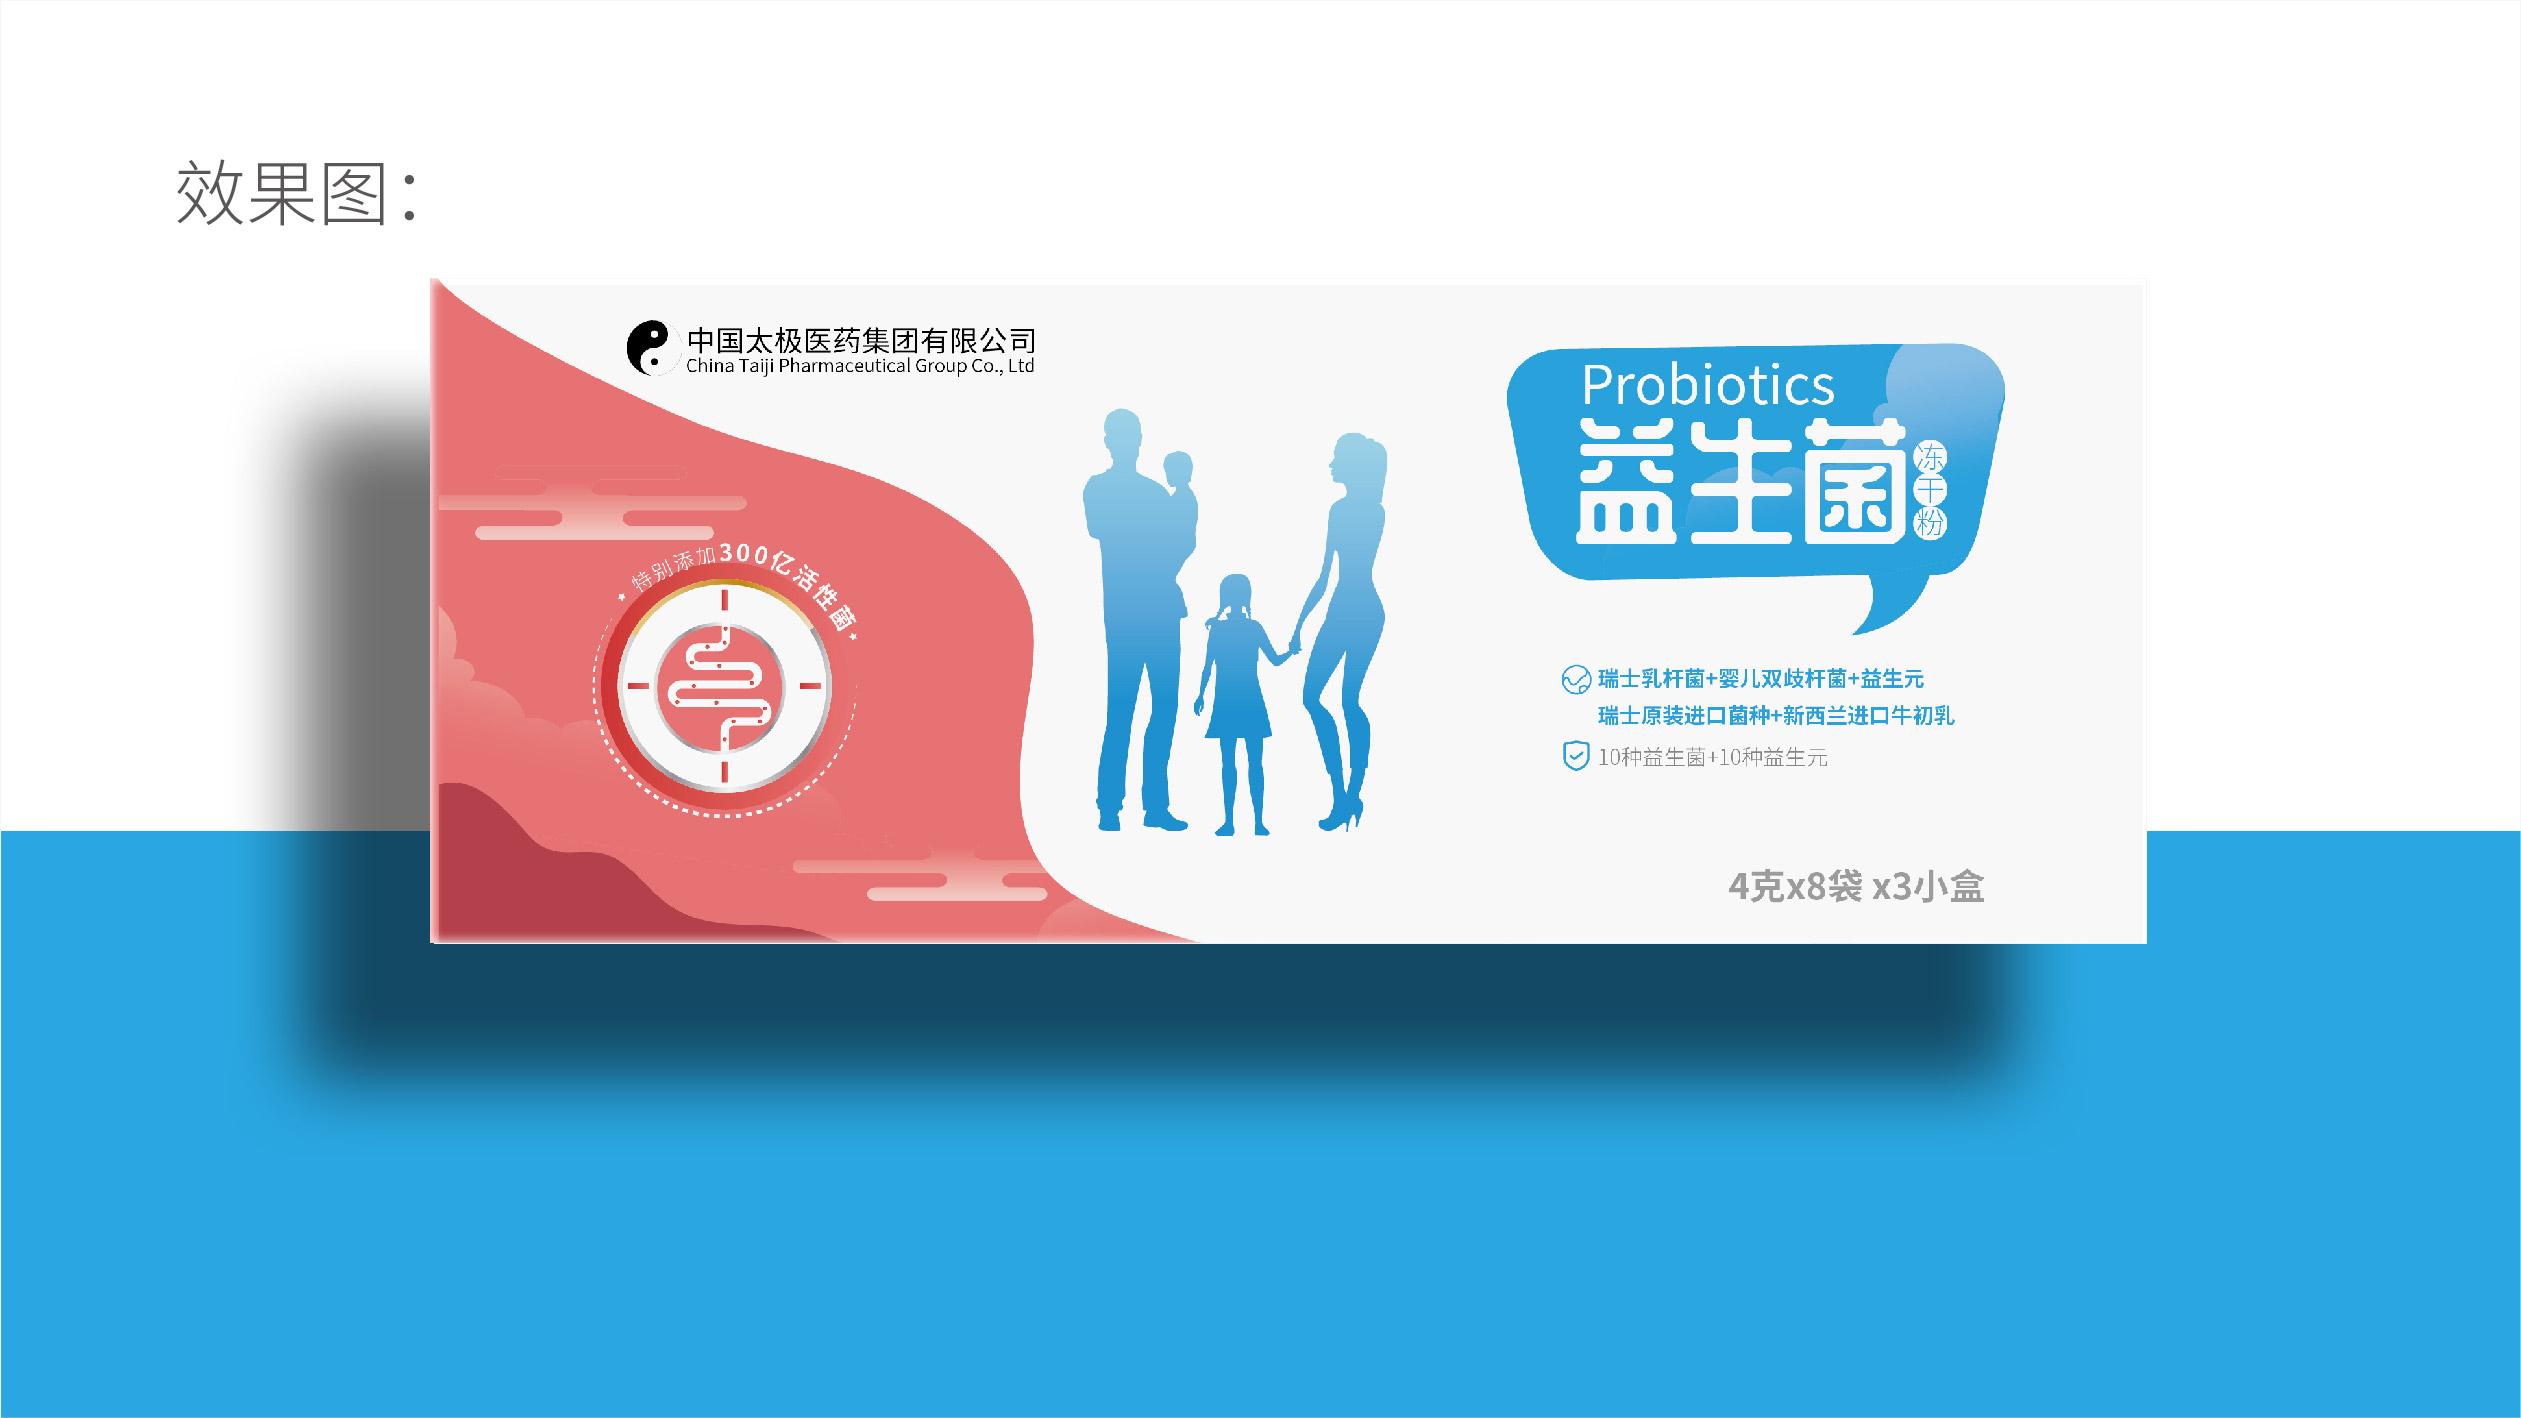 太极医药益生菌品牌包装乐天堂fun88备用网站